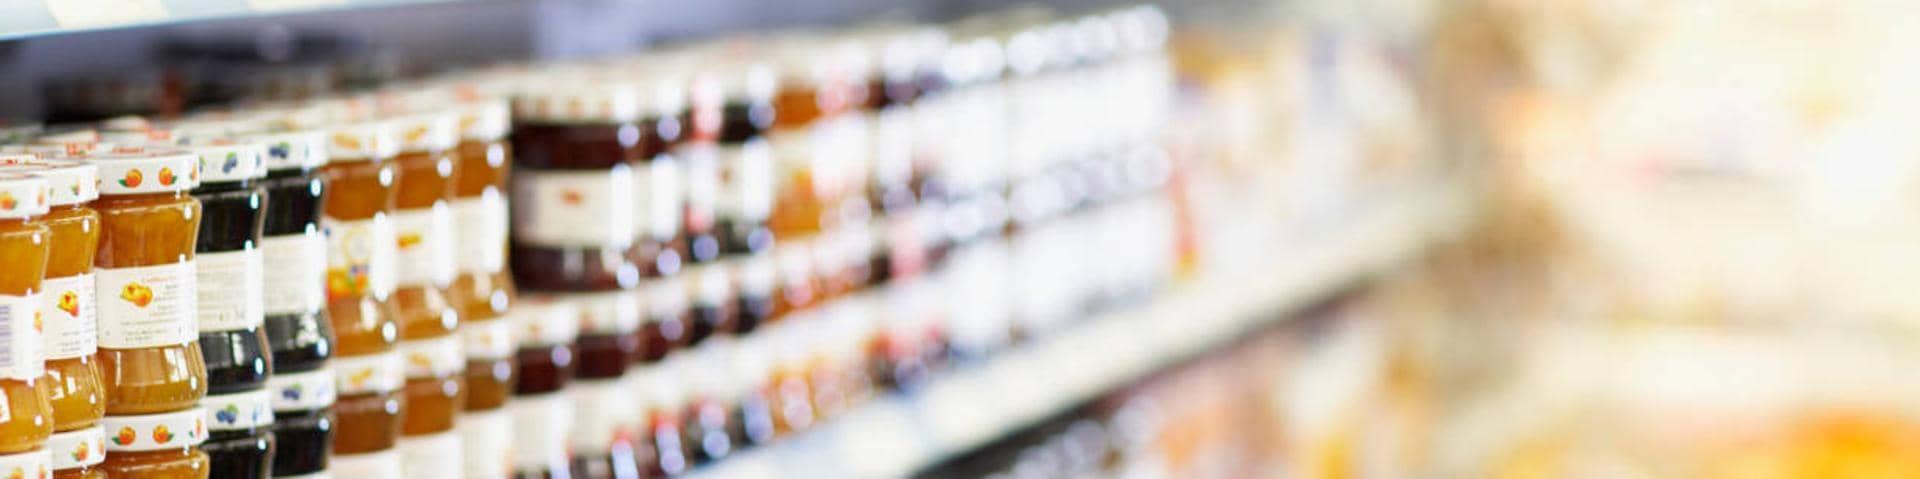 Industry Solutions Consumer Marmelade